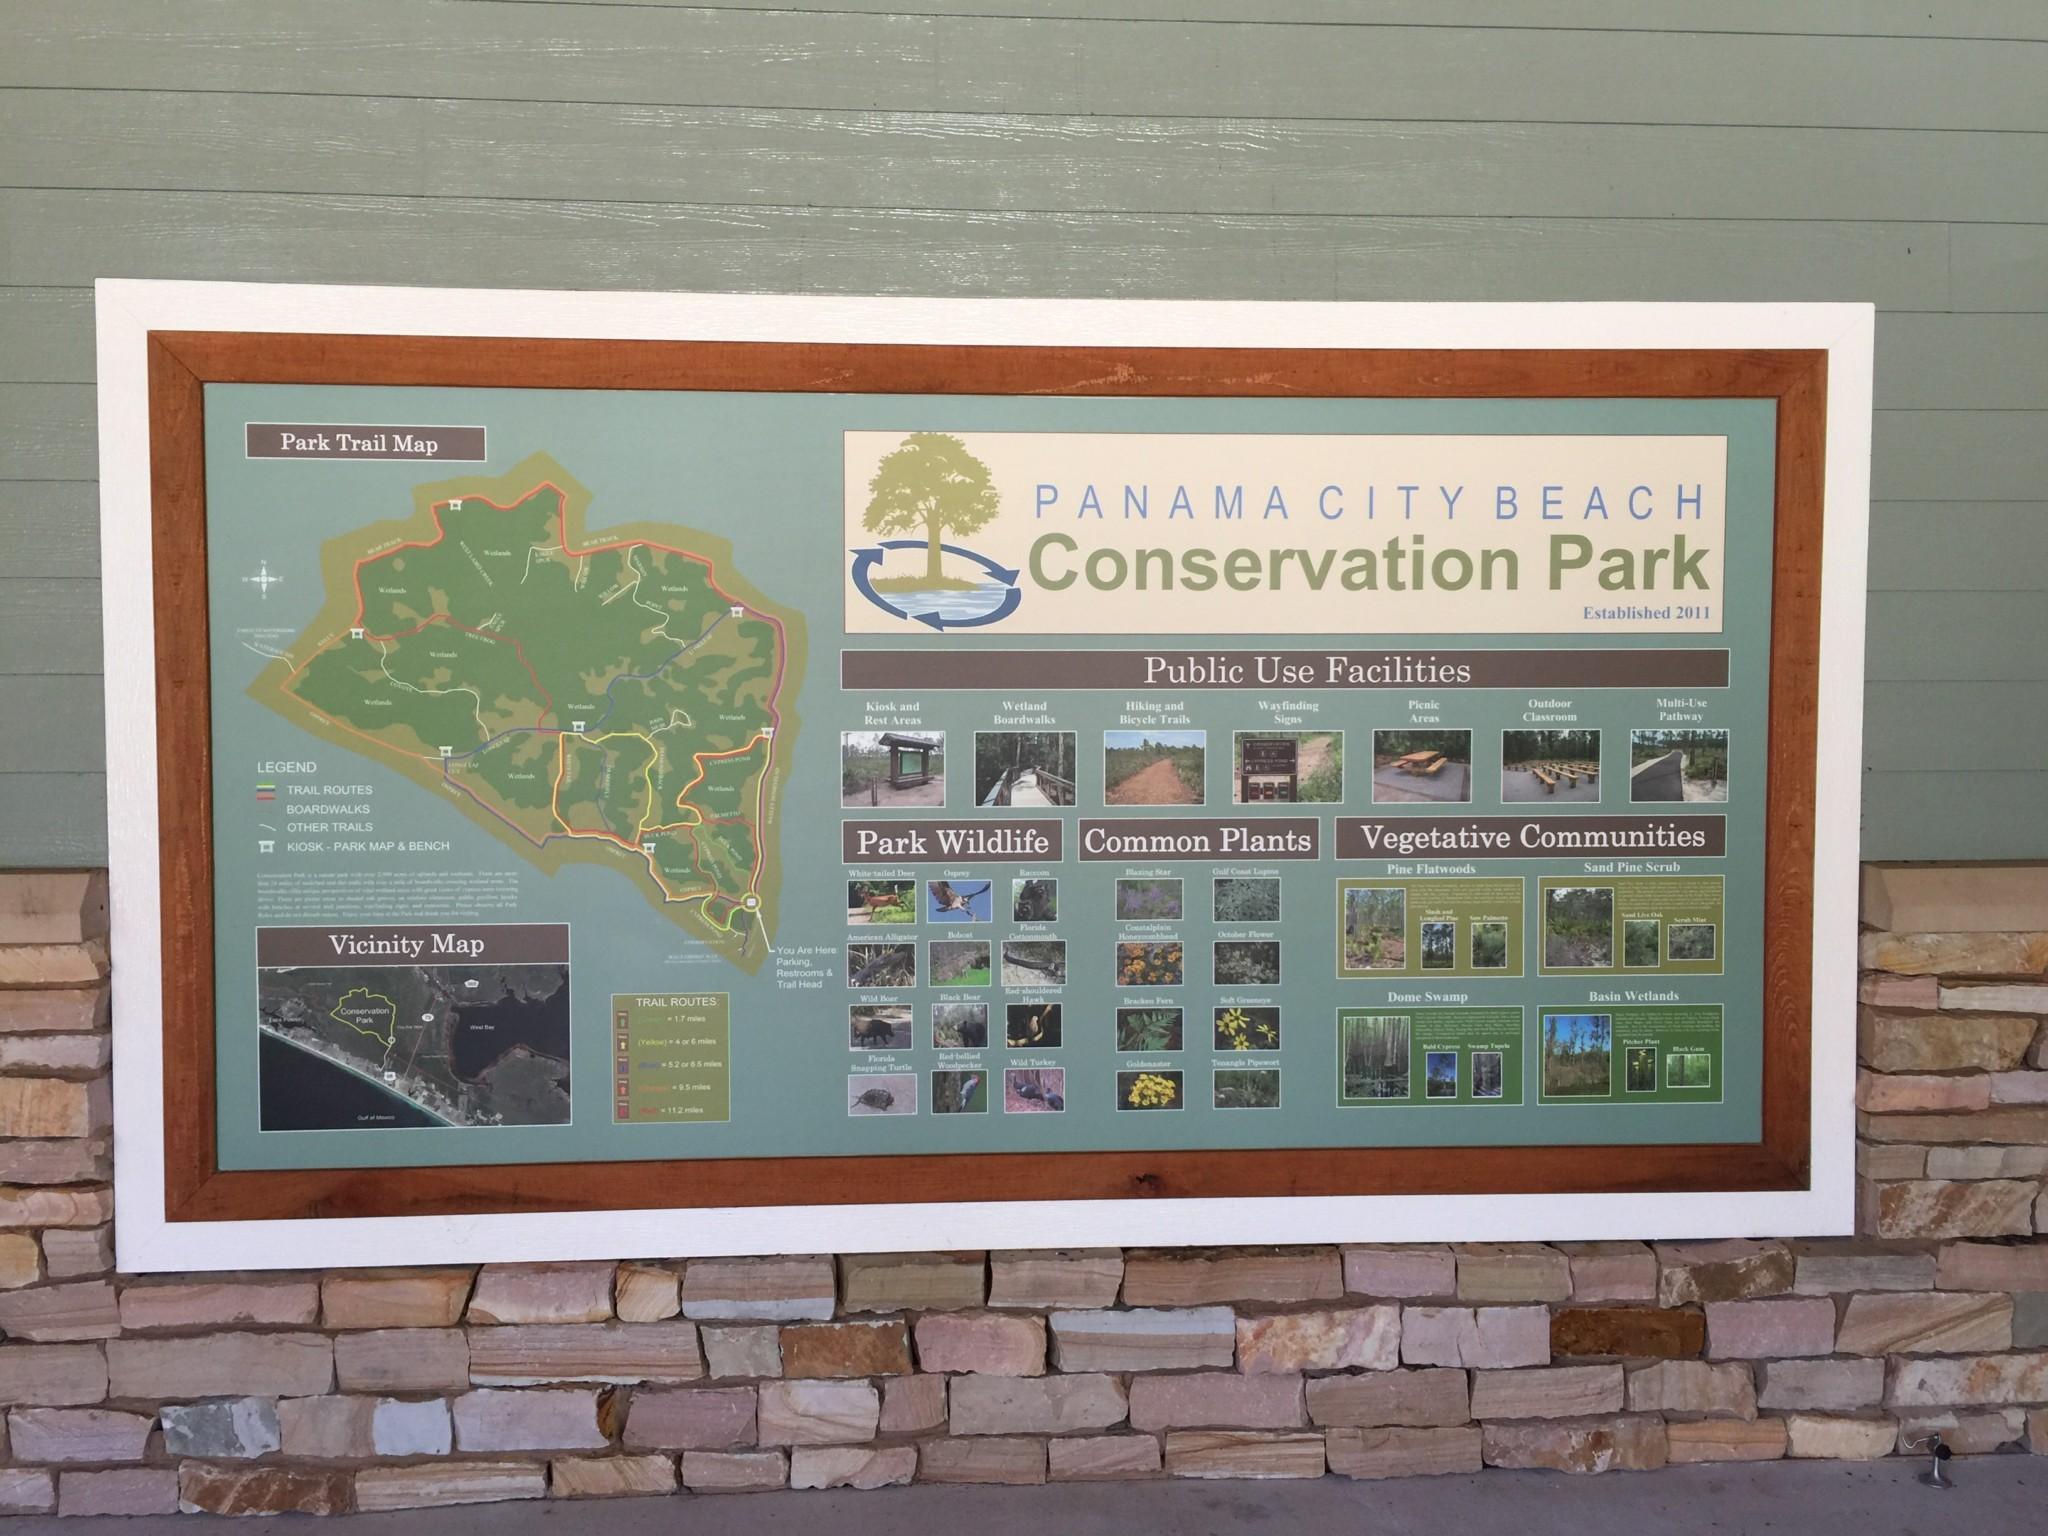 Panama City Beach Conservation Park - West-End PCB